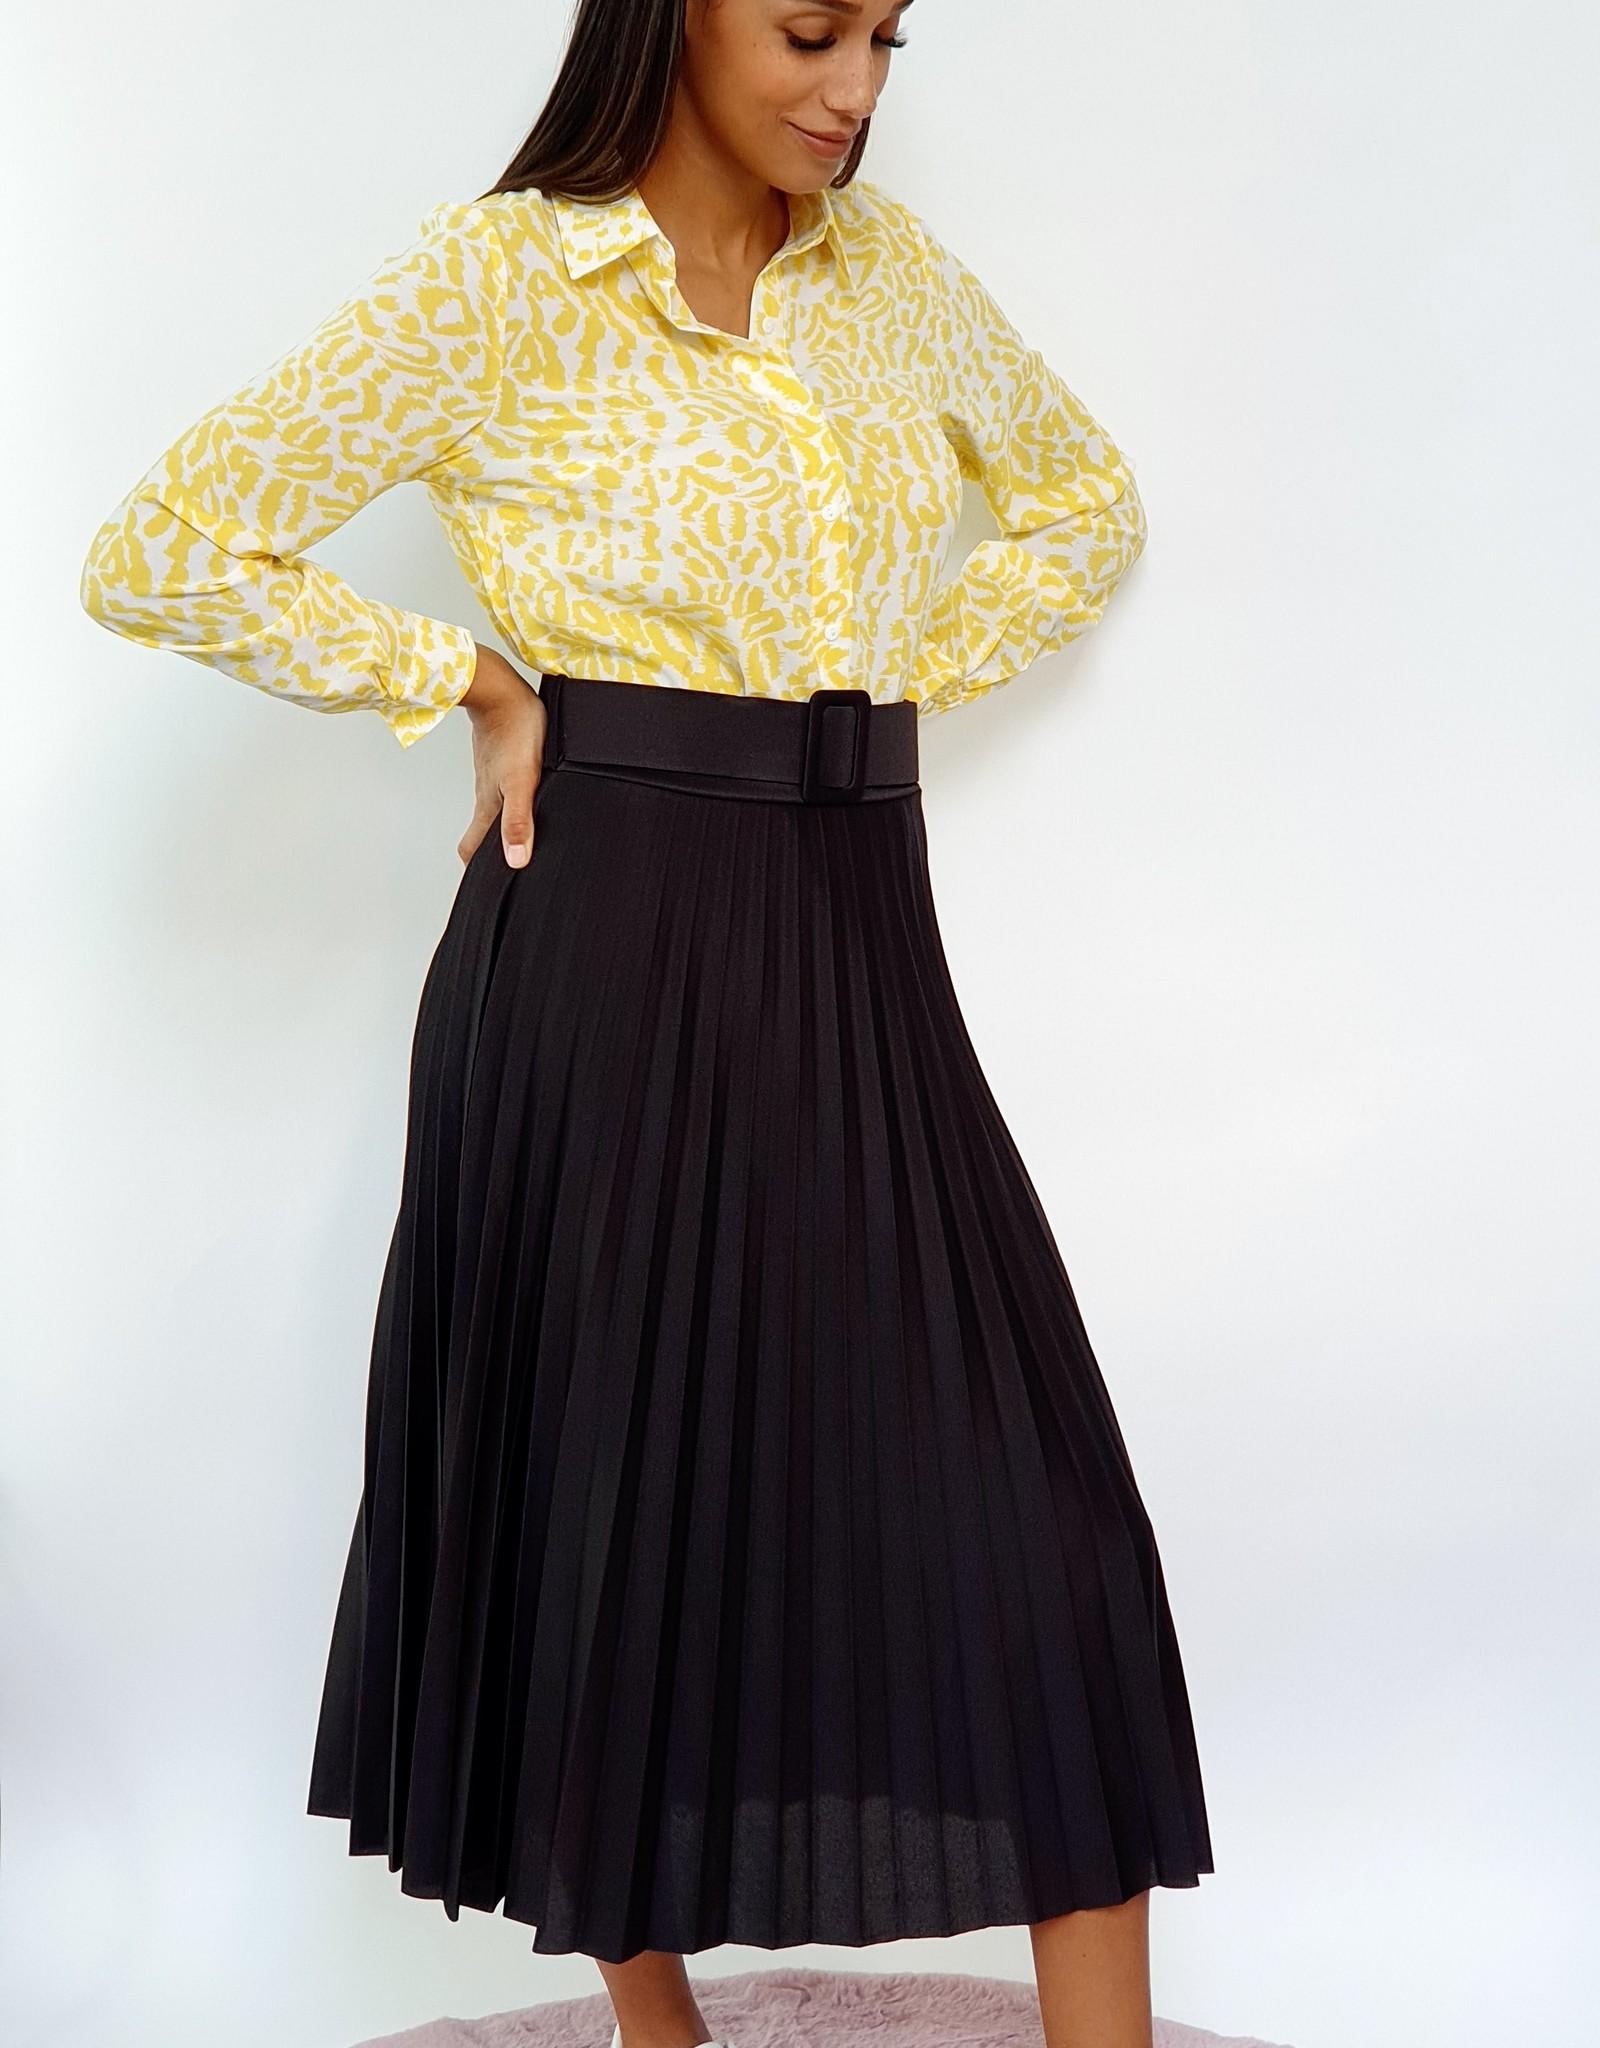 Thé black classy skirt